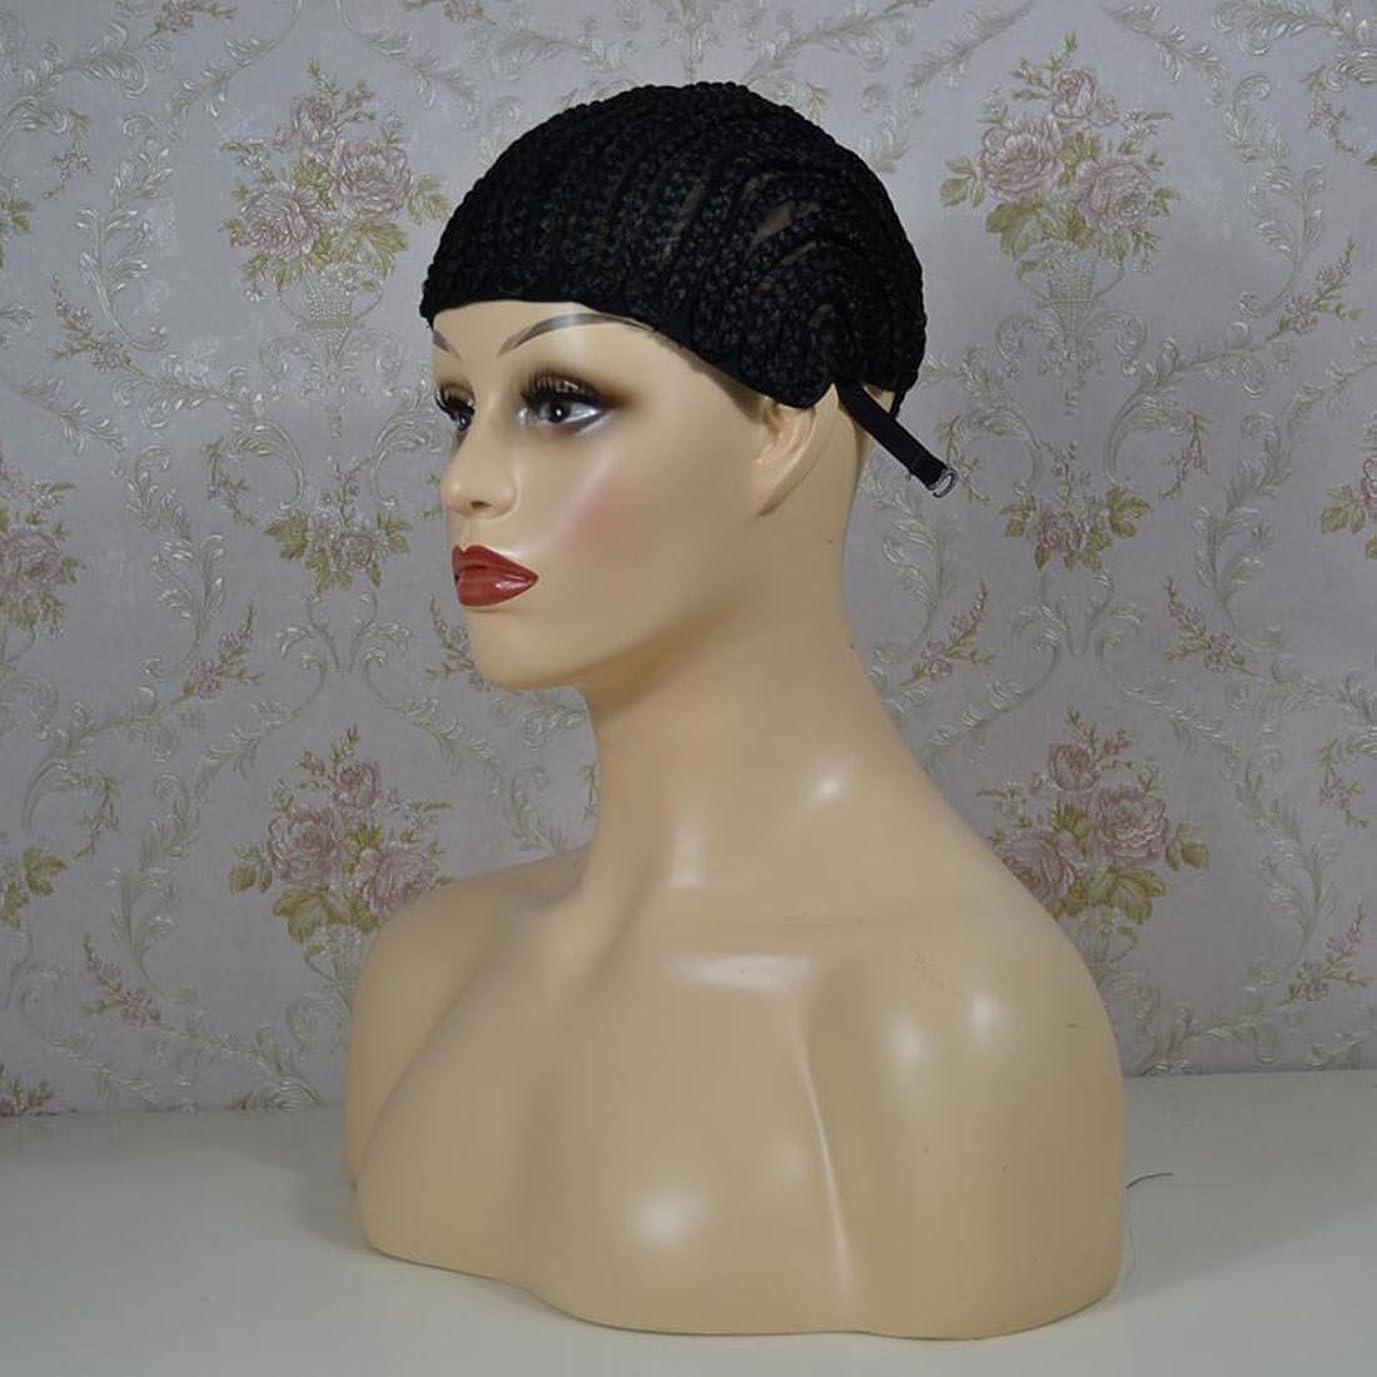 テレックス外交問題戸惑うKoloeplf 髪のエクステンション特別調整可能なサイズのウィッグキャップ女性のための人間の髪の毛紐化学繊維絹のかつらの帽子のための黒の小さな髪 (Color : ブラック)